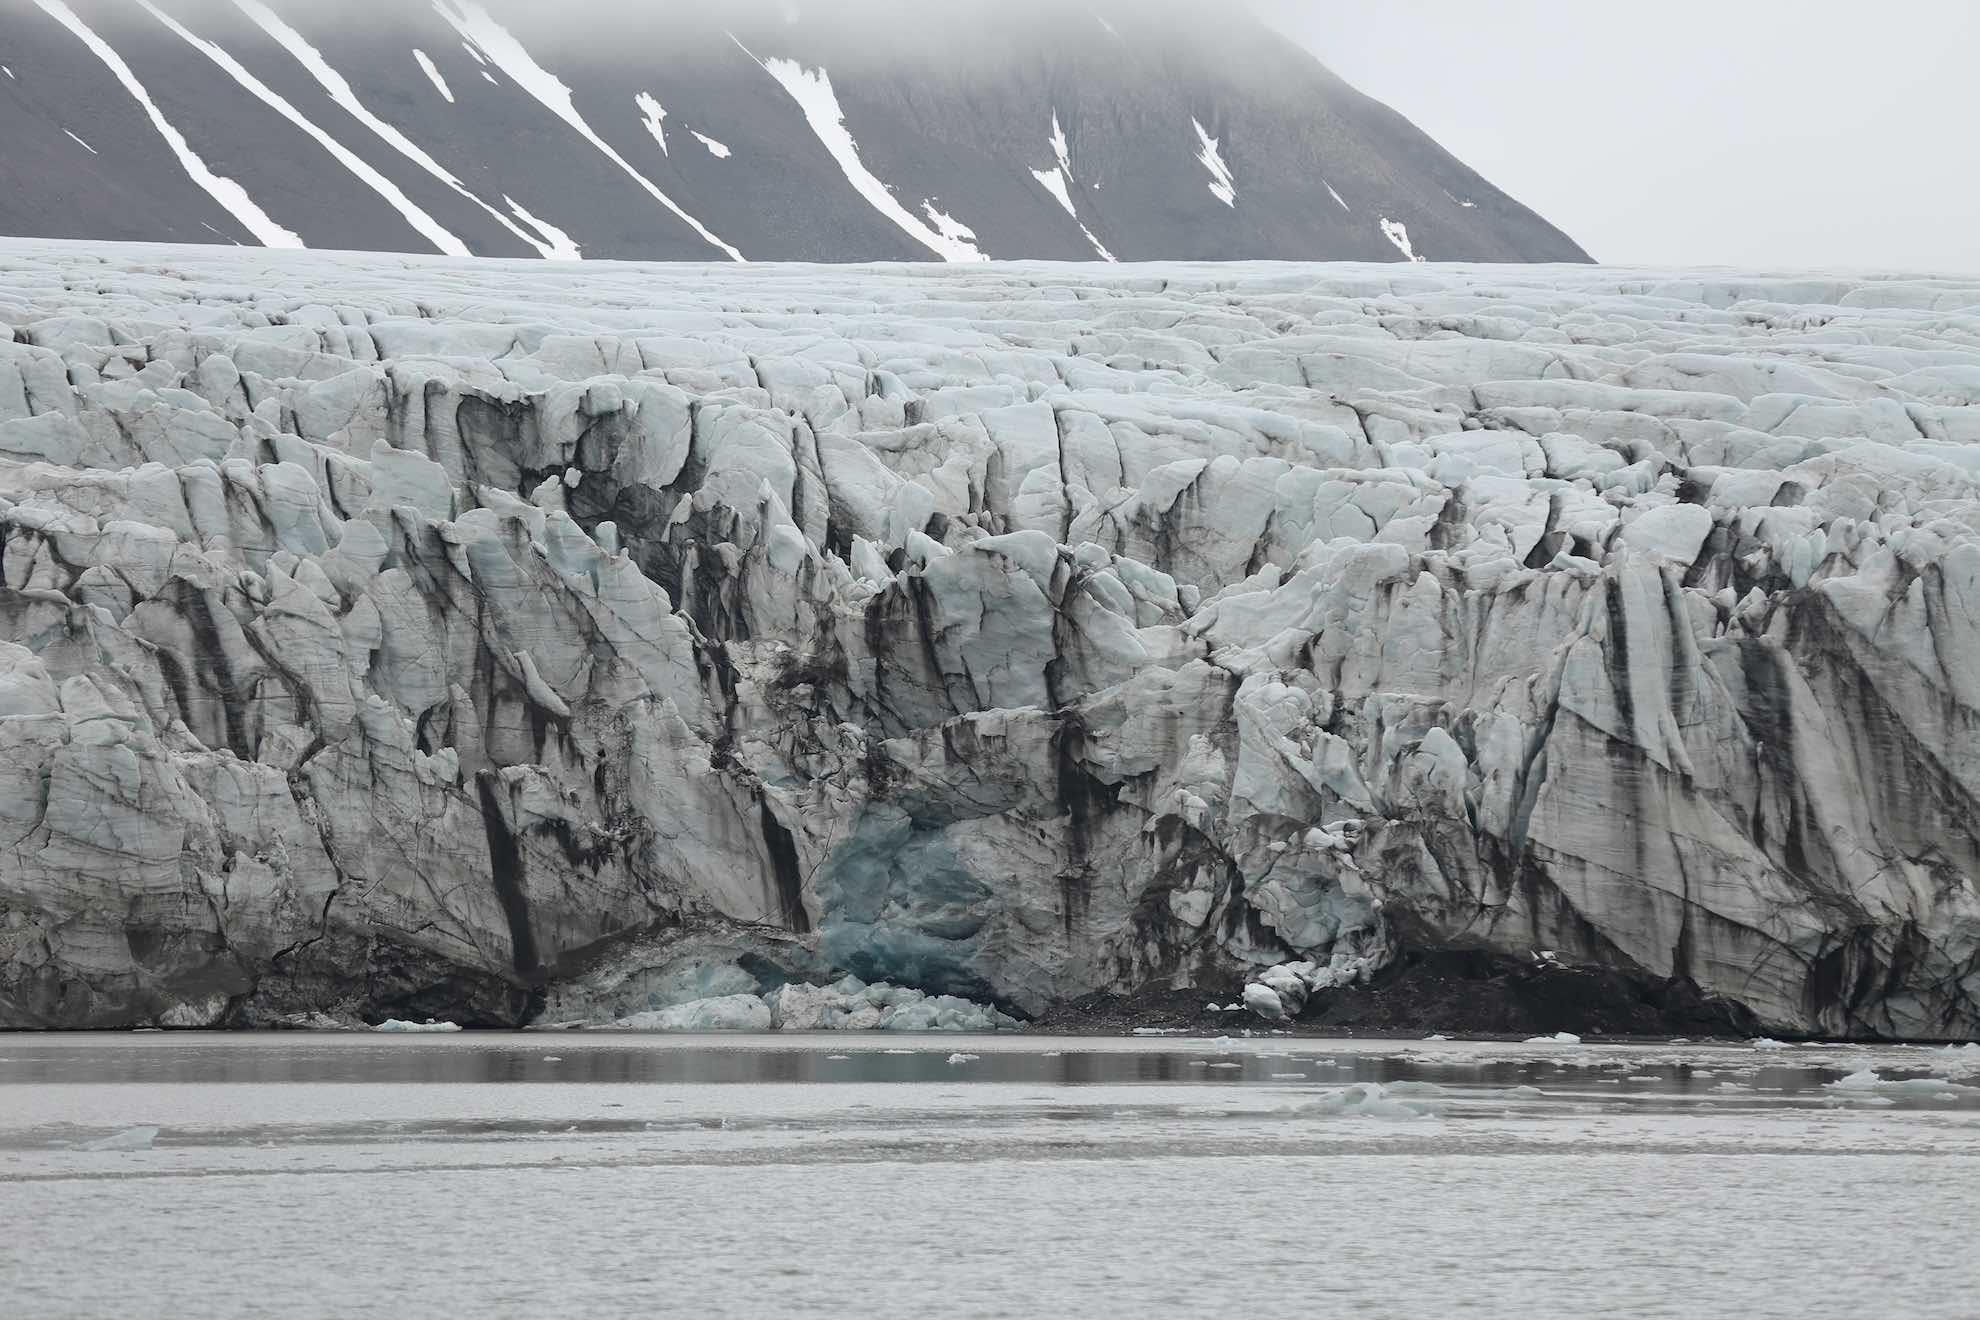 ... am nördlichen Ufer des Van Mijenfjorden.